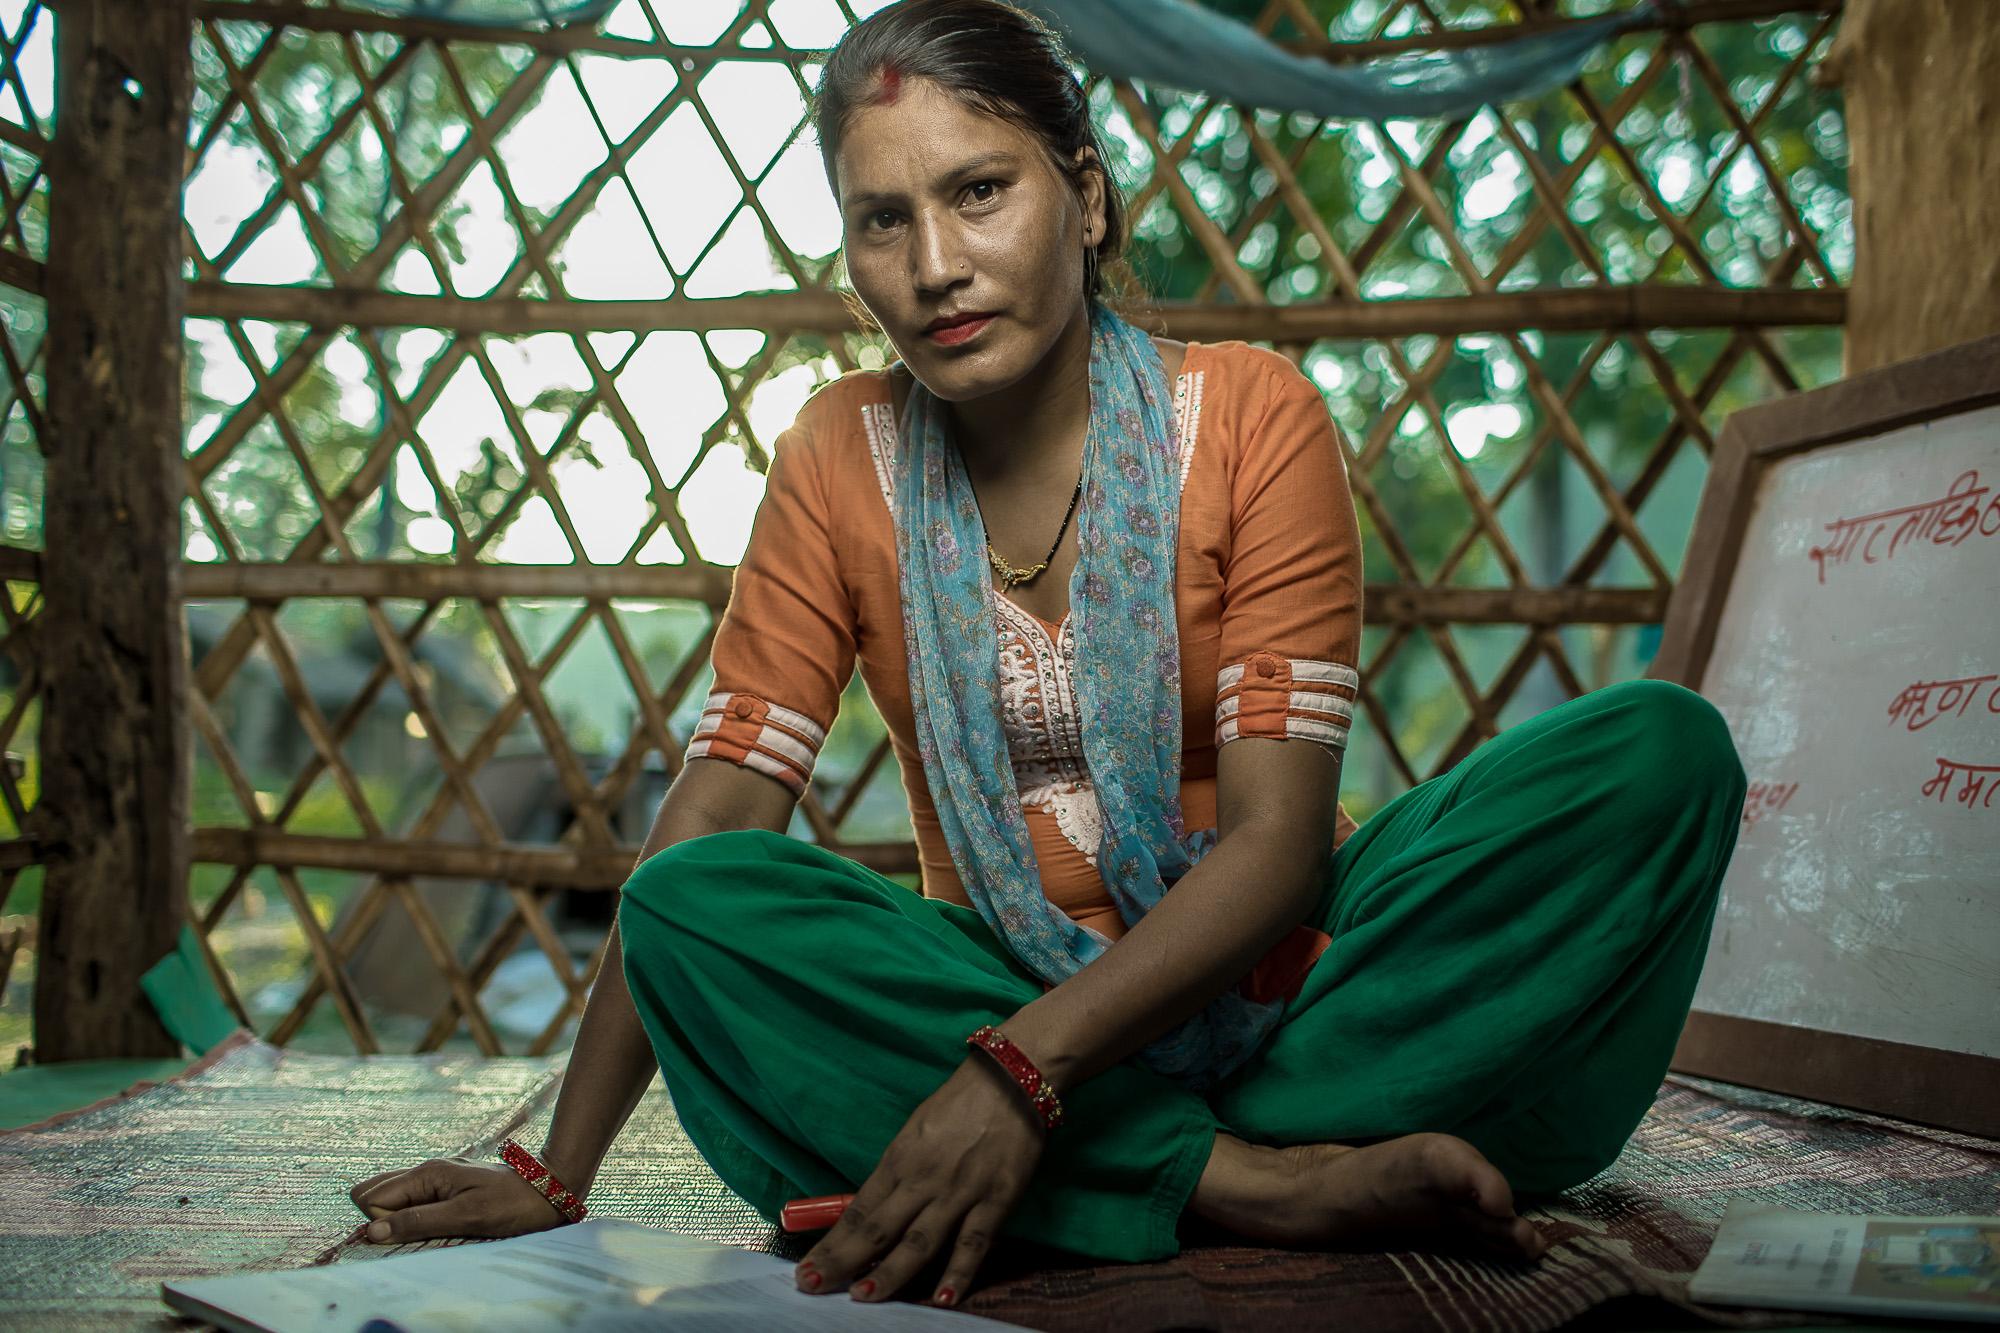 170906-Nepal-Wingard-0084-web.jpg